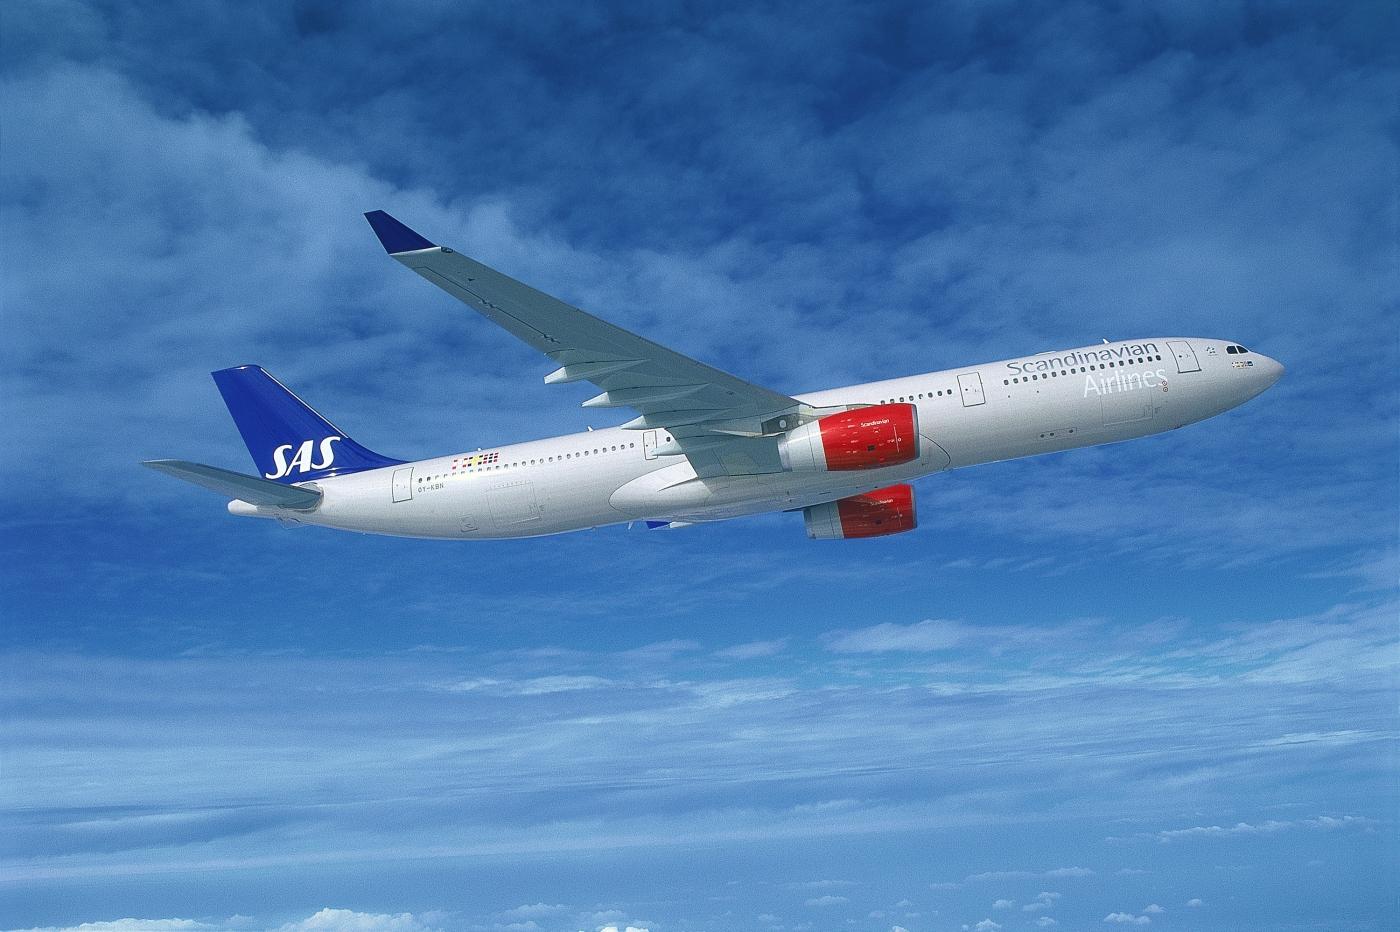 Airbus A330-300 fra SAS. (Foto: SAS AB)